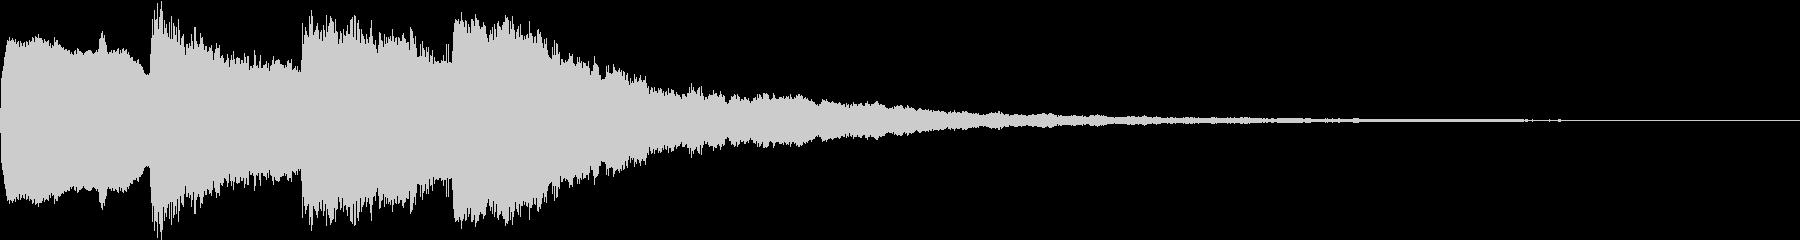 シンプル アナウンス 案内 放送 8の未再生の波形